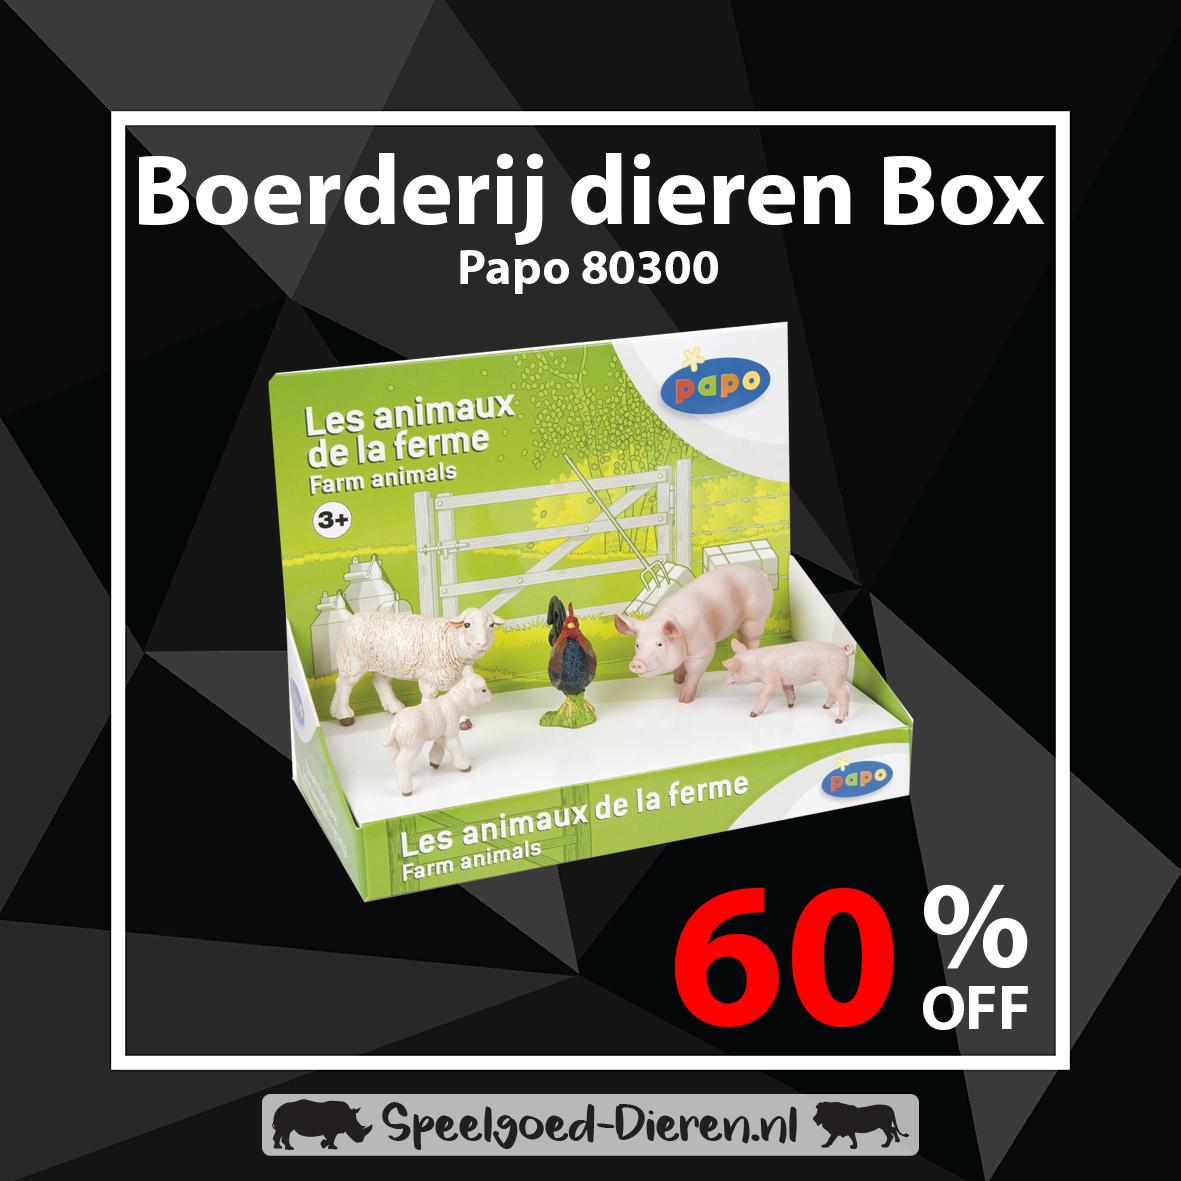 60% Korting op Papo Display boxen bij Speelgoed-Dieren.nl (9 verschillende sets)